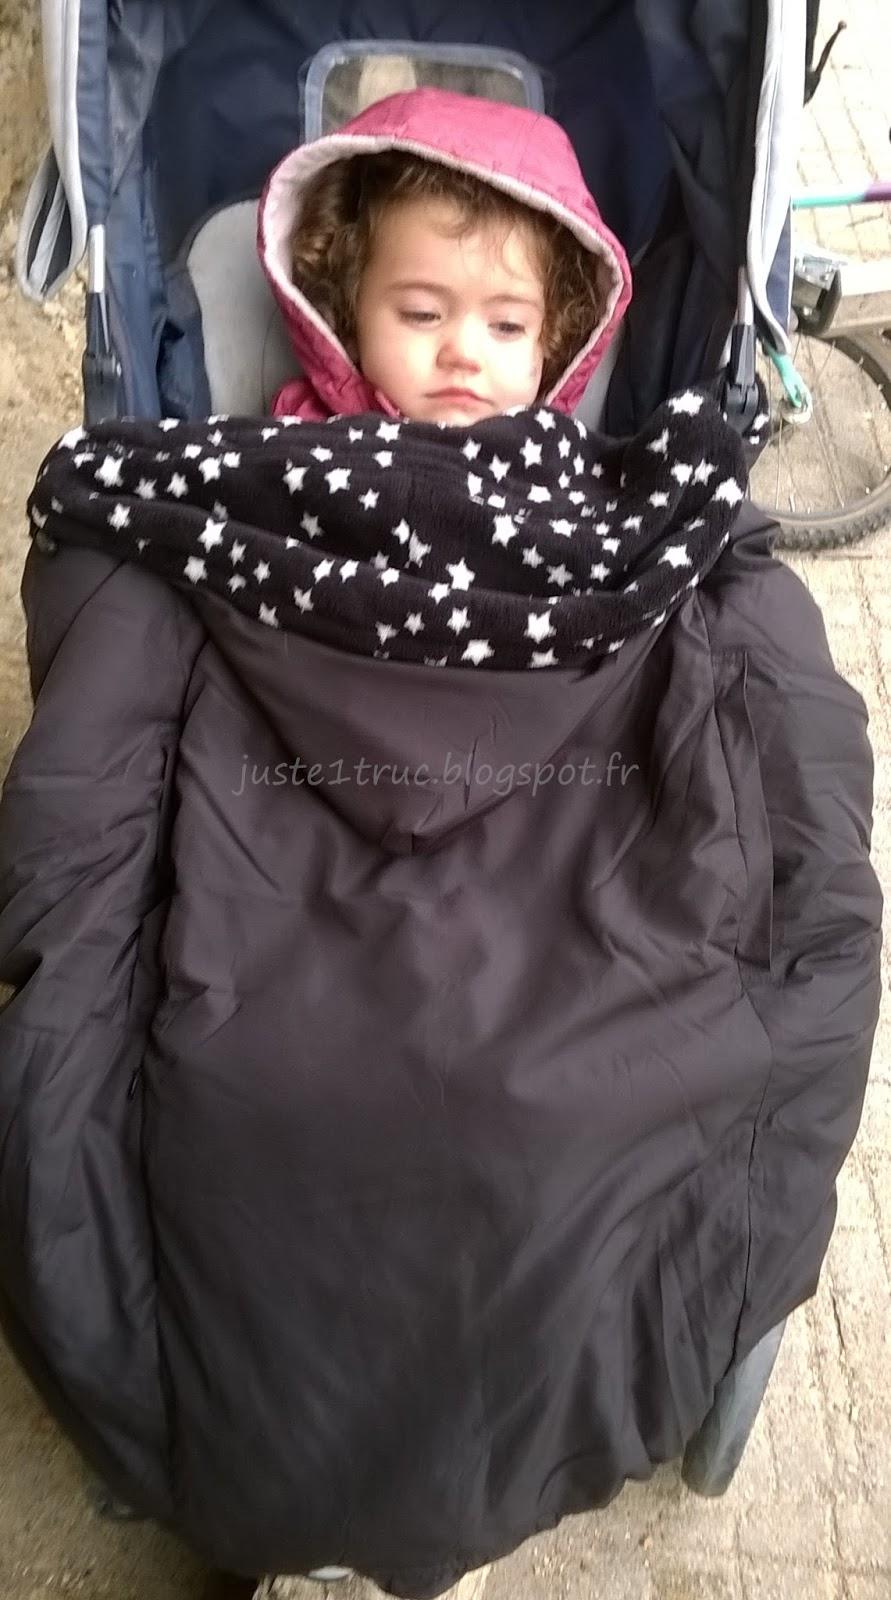 couverture portage lucky hiver froid chaud poussette porter babywearing ba9c307d82a